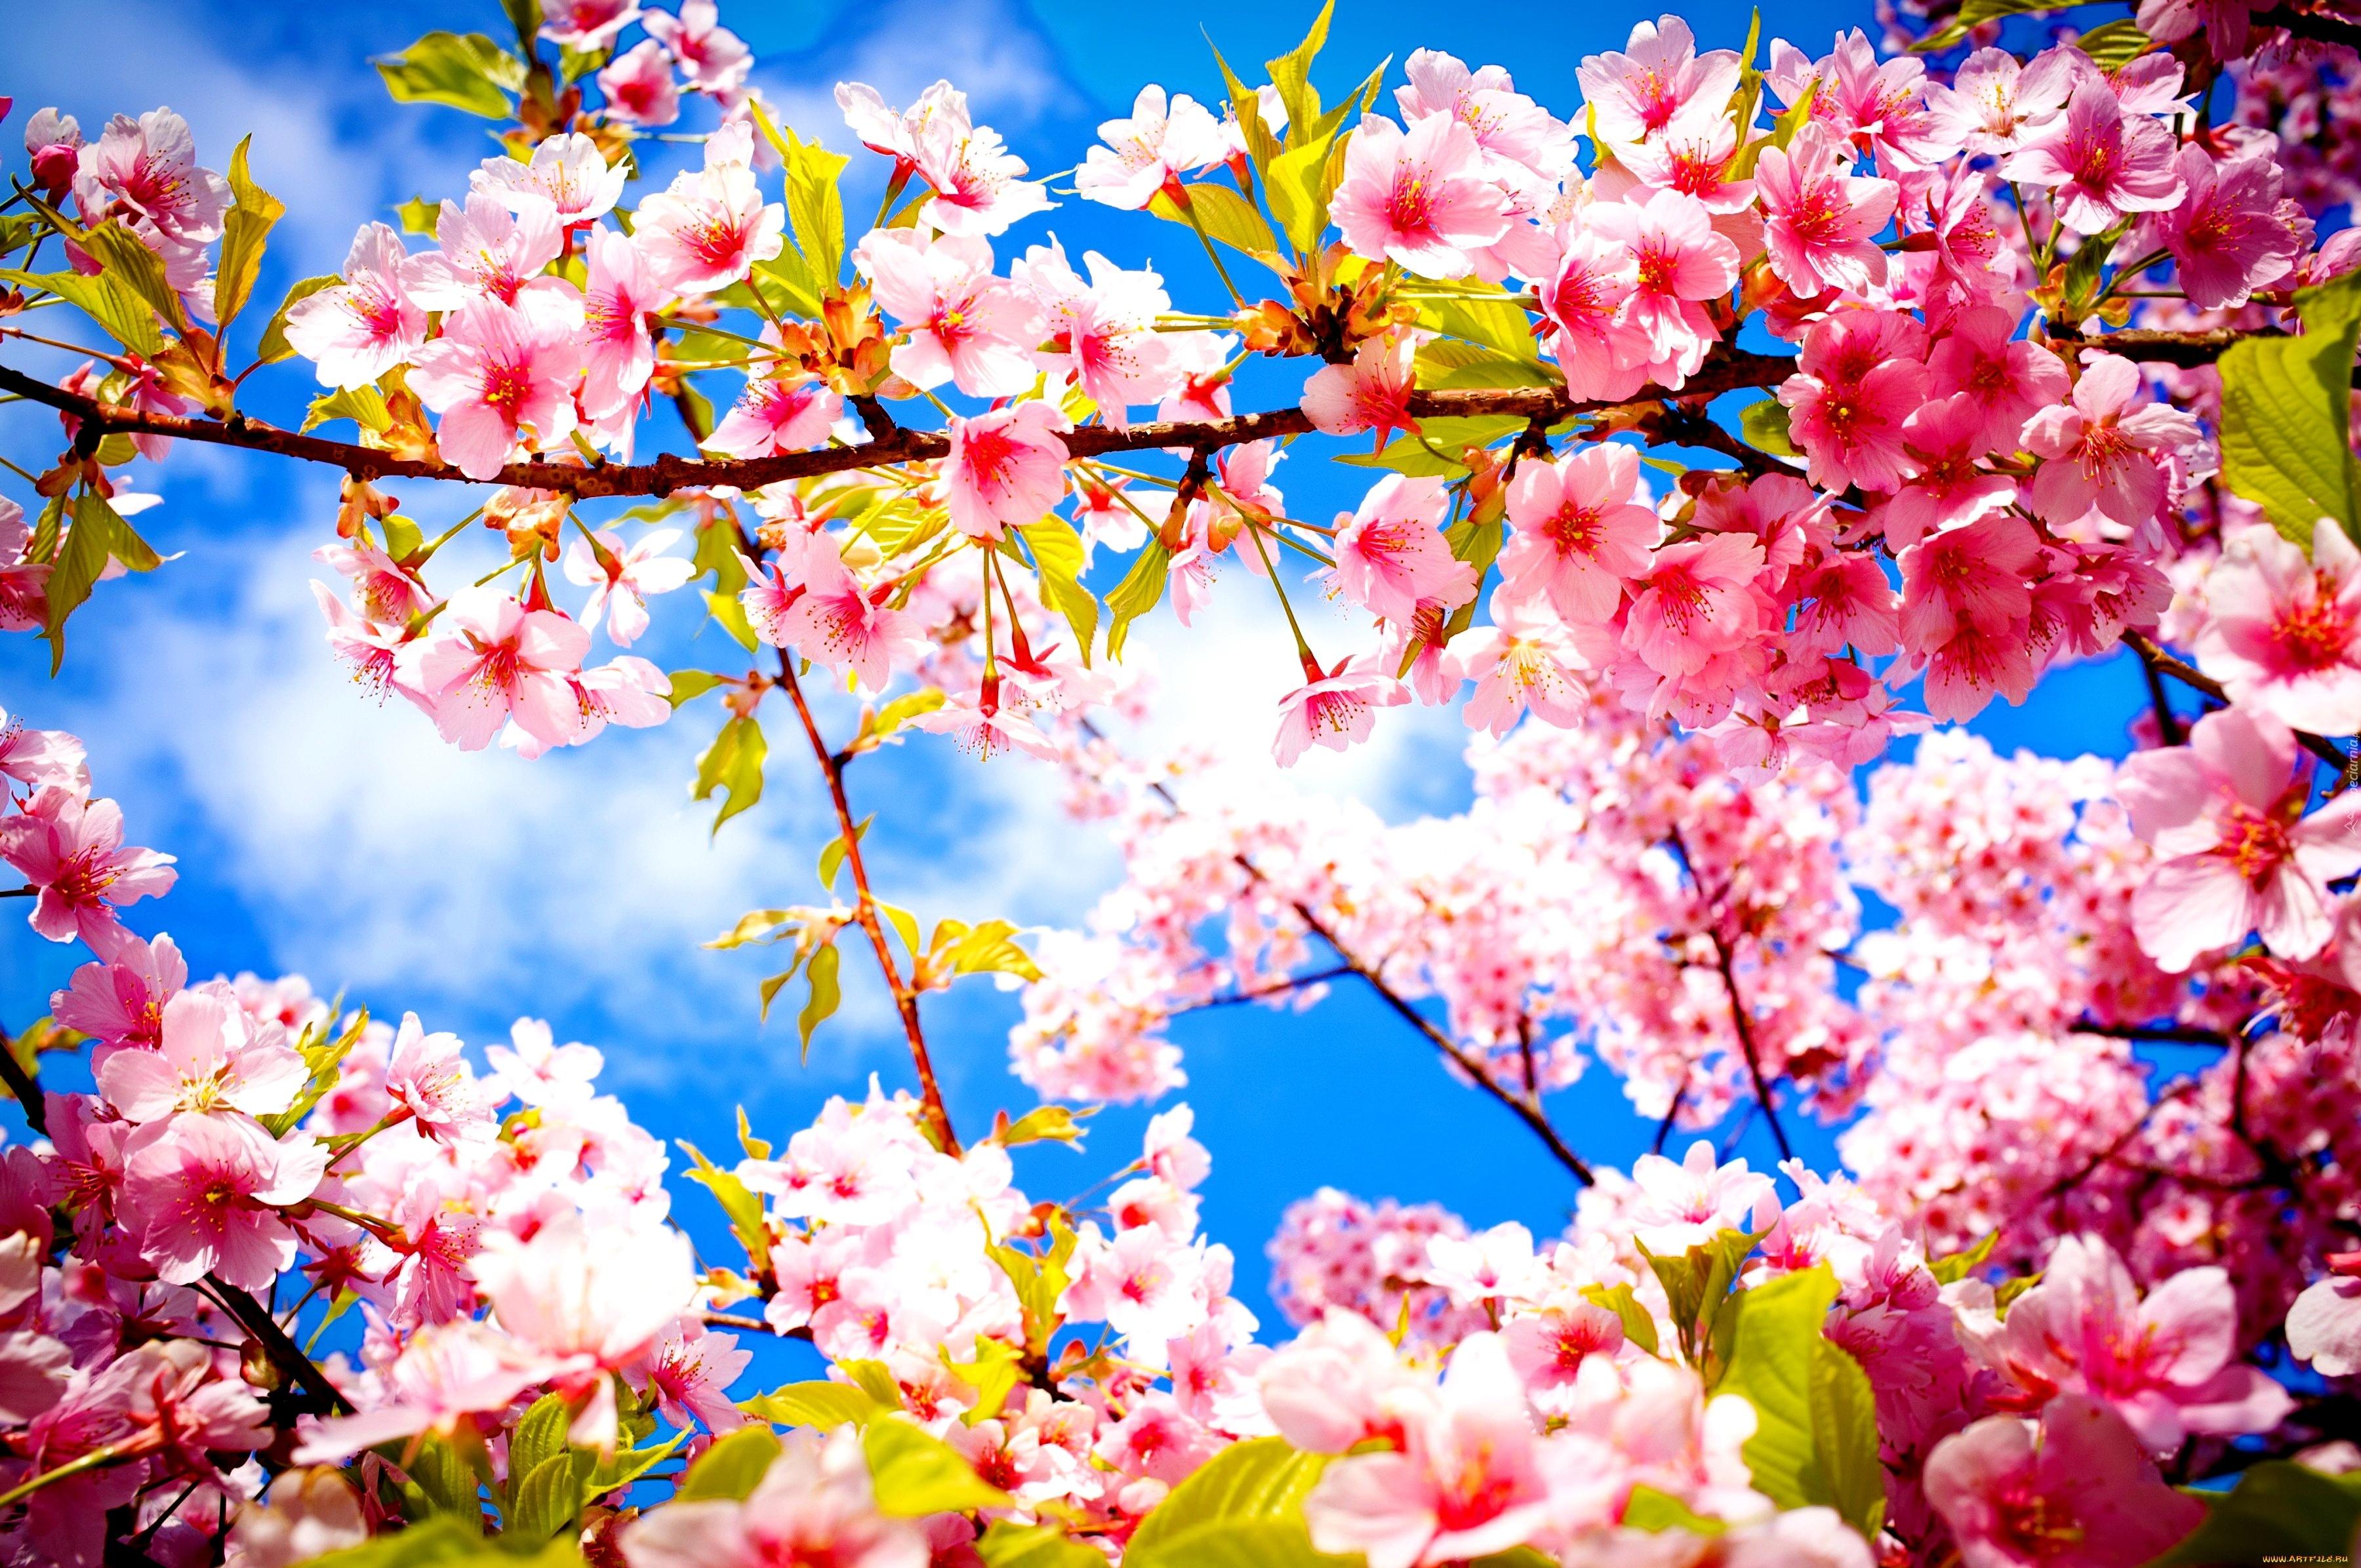 Бесплатно Скачать Картинки Обои Цветы